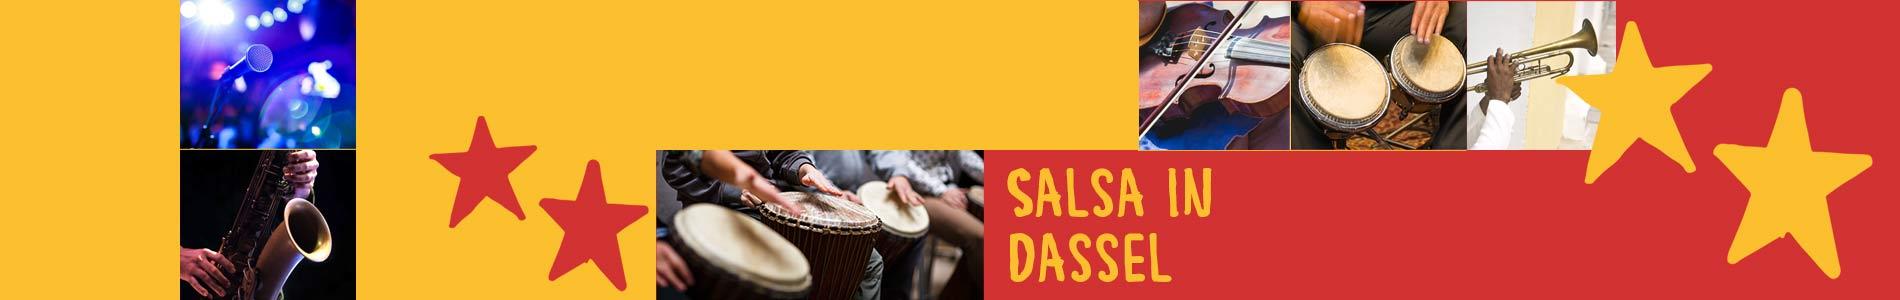 Salsa in Dassel – Salsa lernen und tanzen, Tanzkurse, Partys, Veranstaltungen